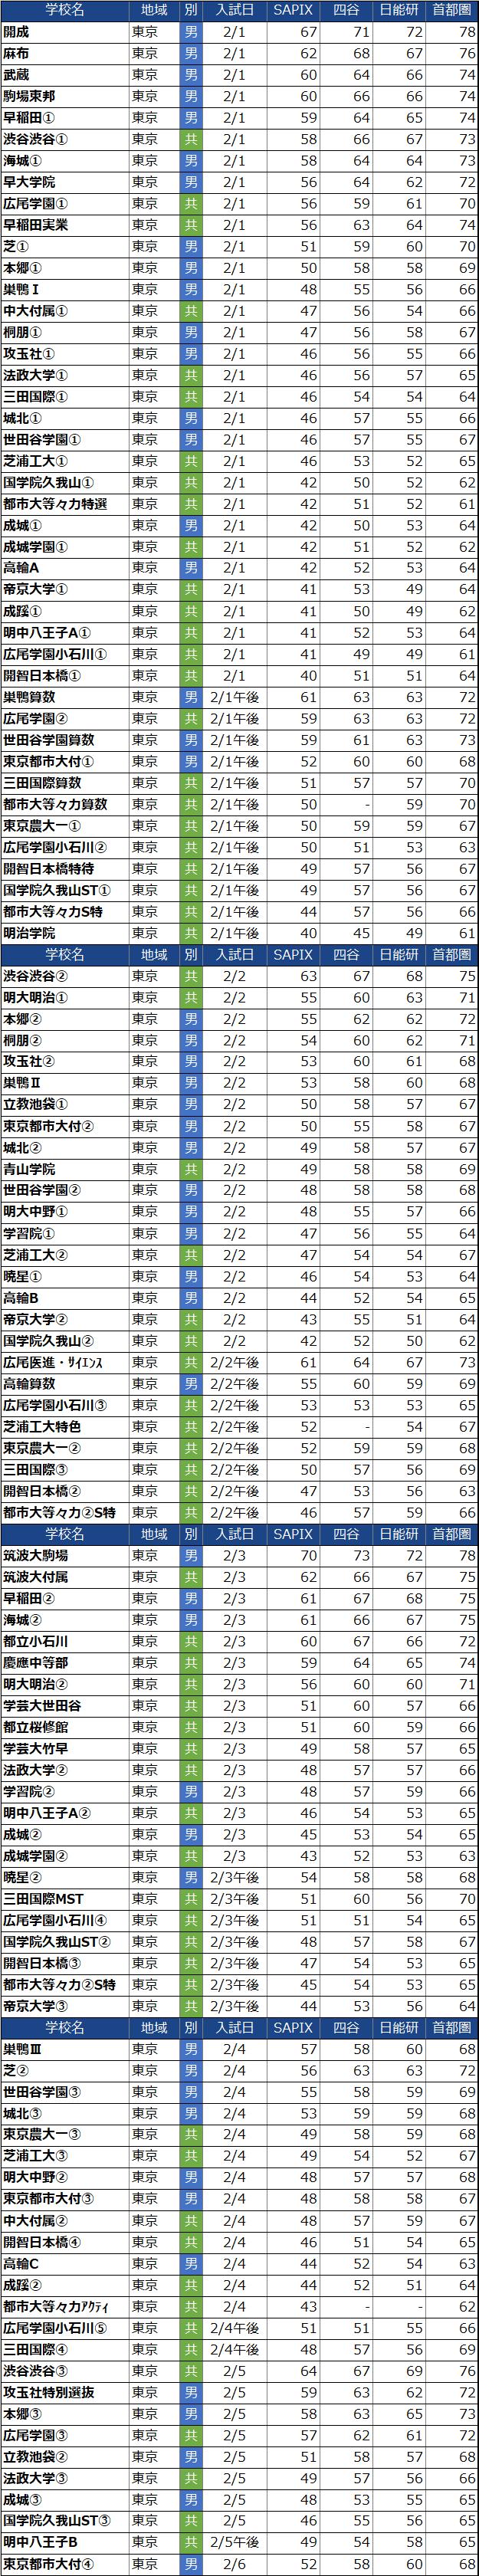 入試日付順の東京都男子中学校偏差値(2022年度)